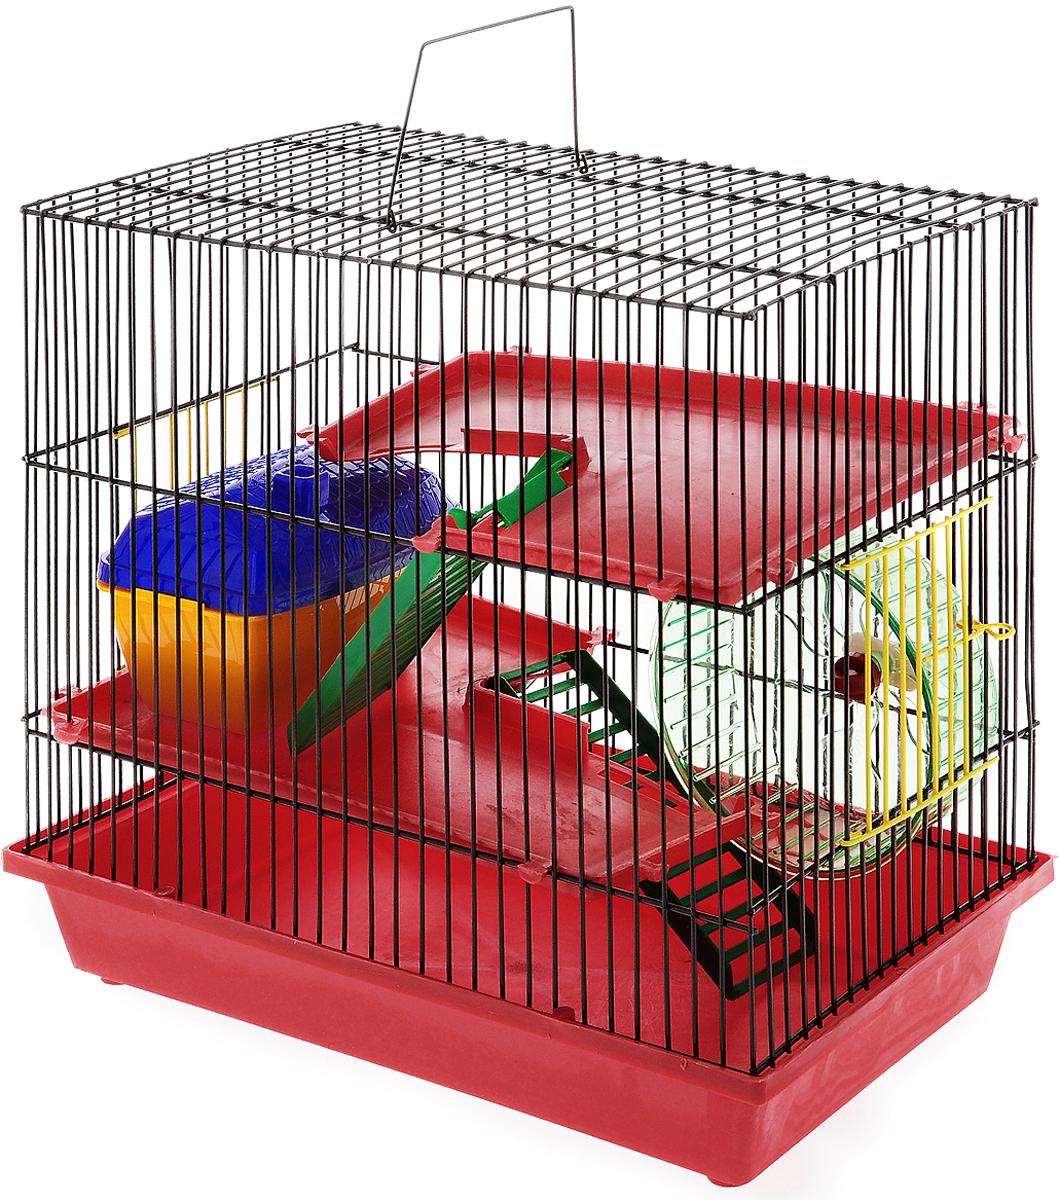 Клетка для грызунов ЗооМарк, 3-этажная, цвет: красный поддон, коричневая решетка, 36 х 22,5 х 34 см135_красный, коричневыйКлетка ЗооМарк, выполненная из полипропилена и металла, подходит для мелких грызунов. Изделие трехэтажное, оборудовано колесом для подвижных игр и пластиковым домиком. Клетка имеет яркий поддон, удобна в использовании и легко чистится. Сверху имеется ручка для переноски, а сбоку удобная дверца. Такая клетка станет уединенным личным пространством и уютным домиком для маленького грызуна.